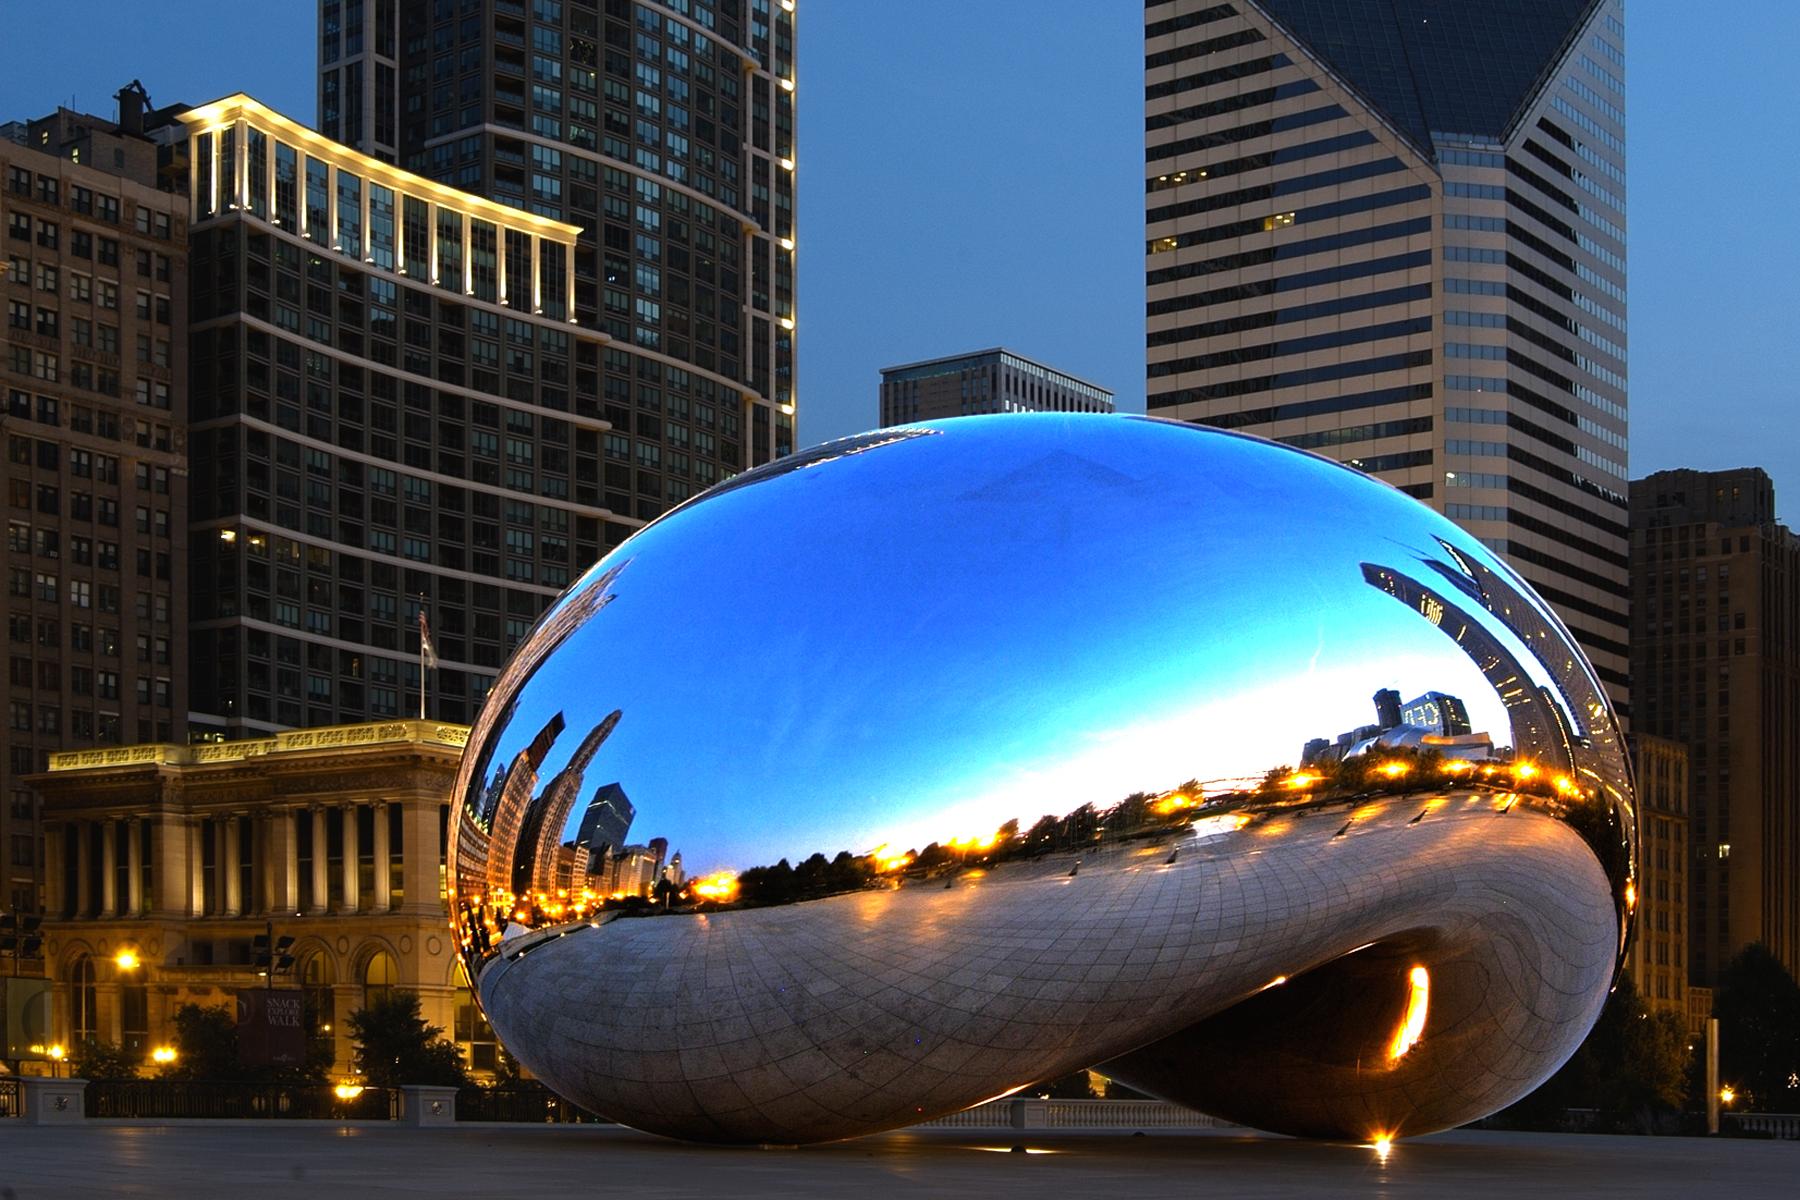 08_Chicago Tourism Bureau.jpg